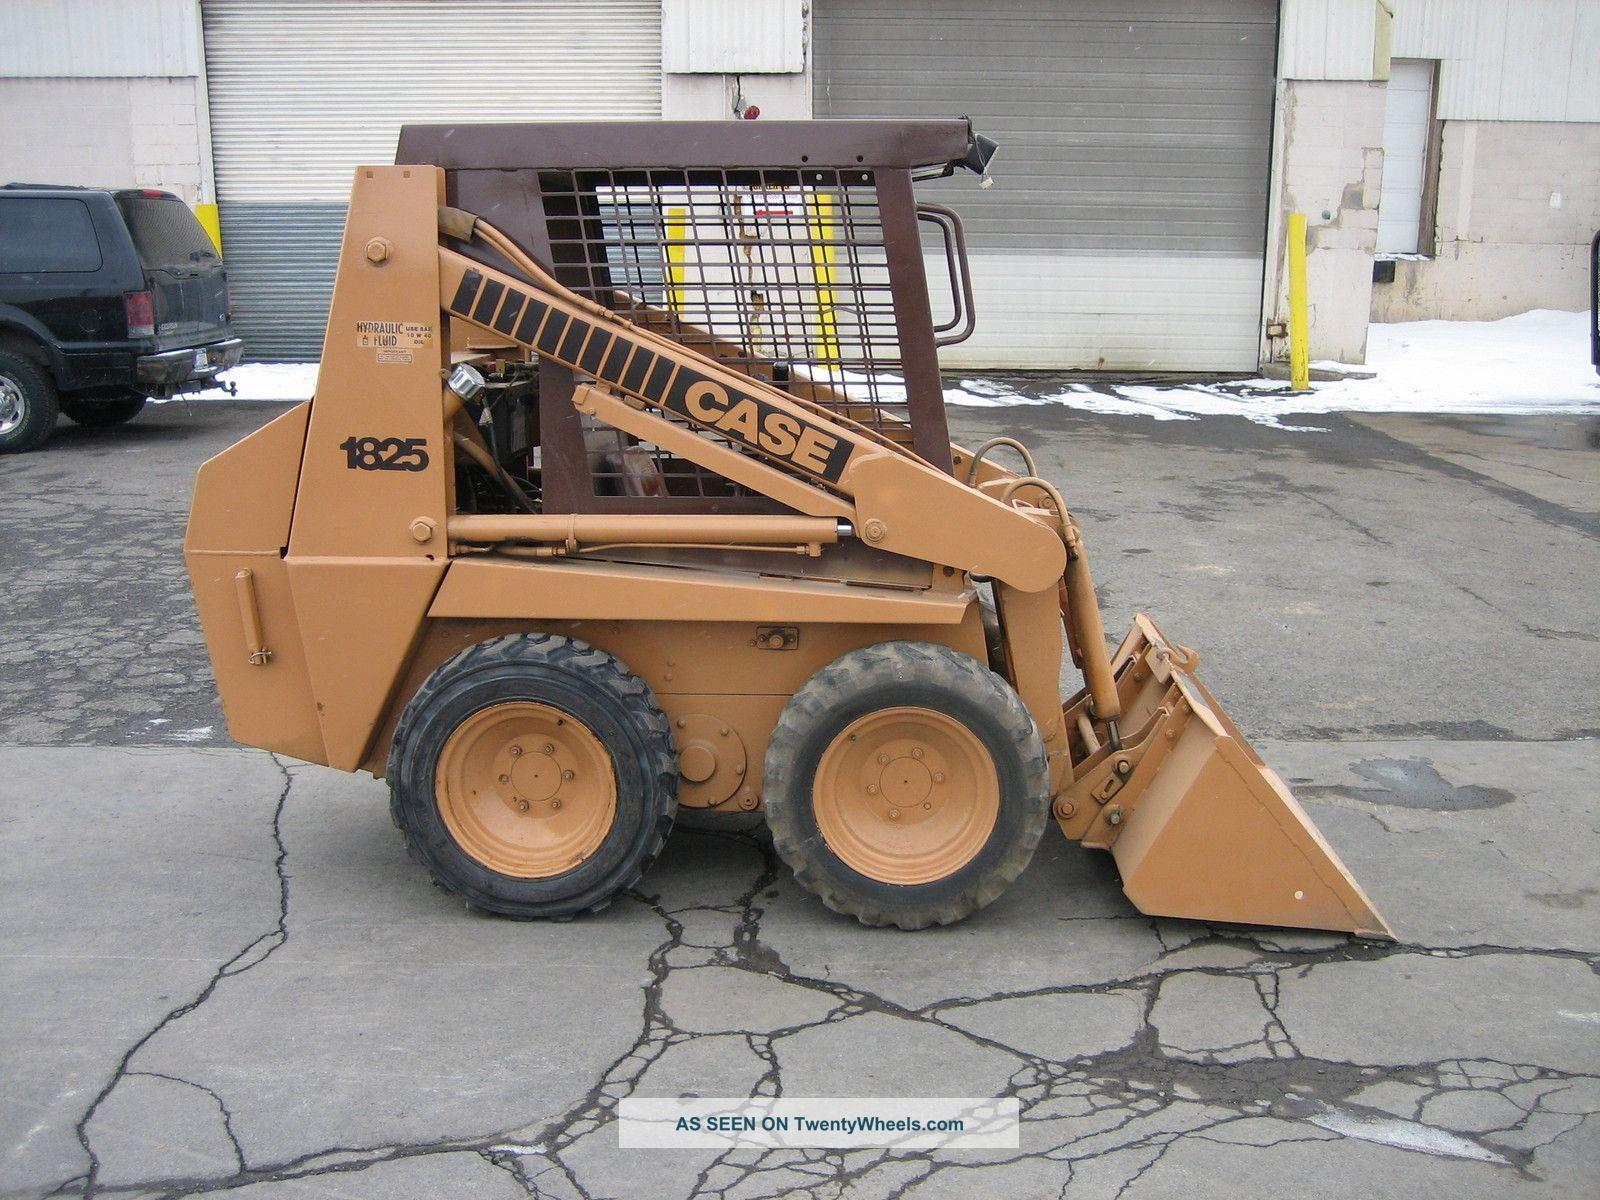 Case 1825 Diesel Powered Skidsteer 1000lb. Capacity, 48 ...